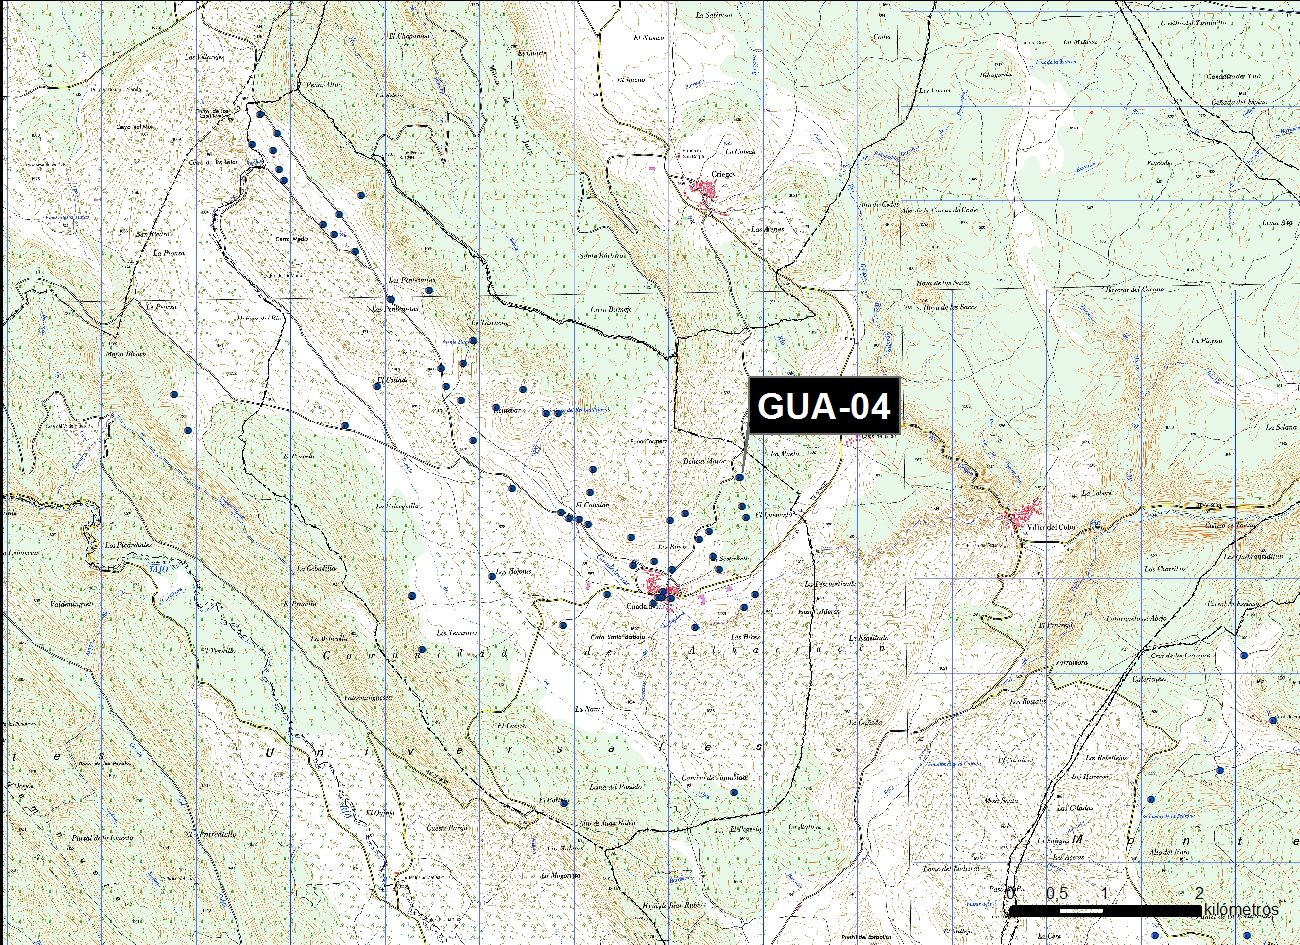 GUA_04_M.V.LOZANO_CERRAJA_MAP.TOPO 1